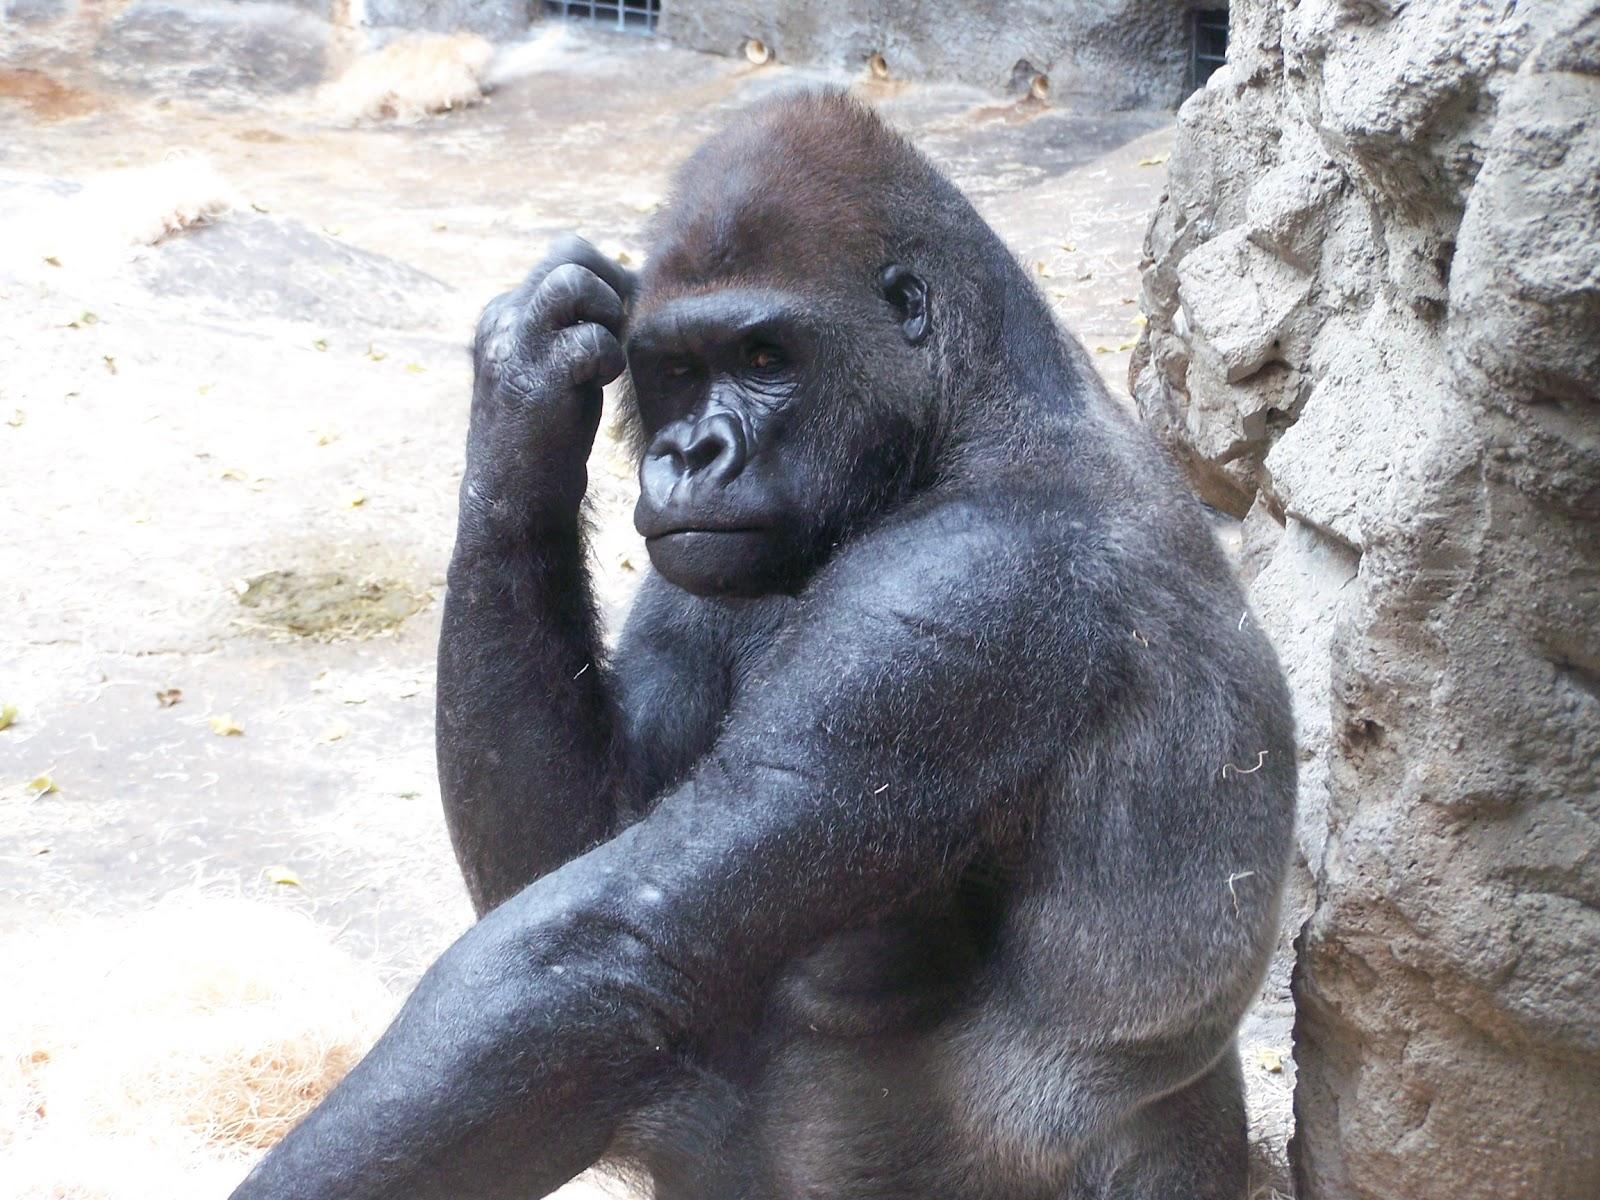 Buffalo Zoo S Statement On Silverback Gorilla Buffalo Zoo